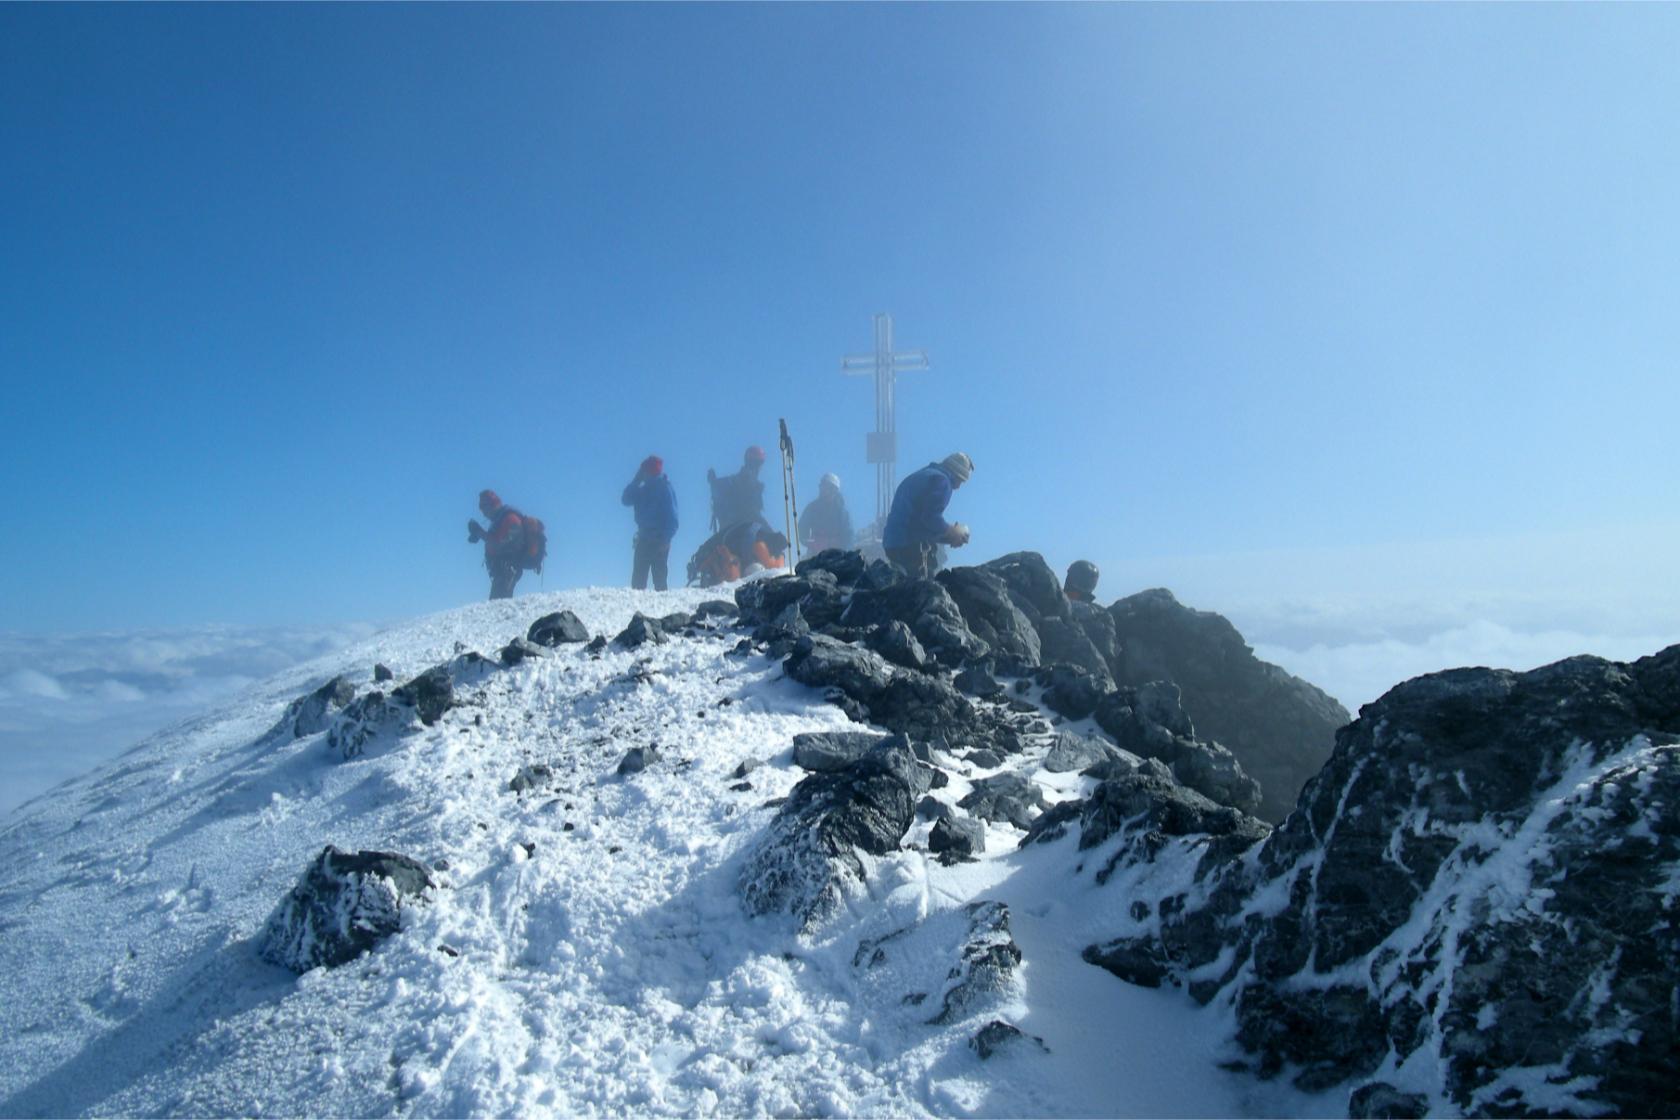 Gli ultimi metri della cresta Hintergrat per raggiungere la vetta dell'Ortles